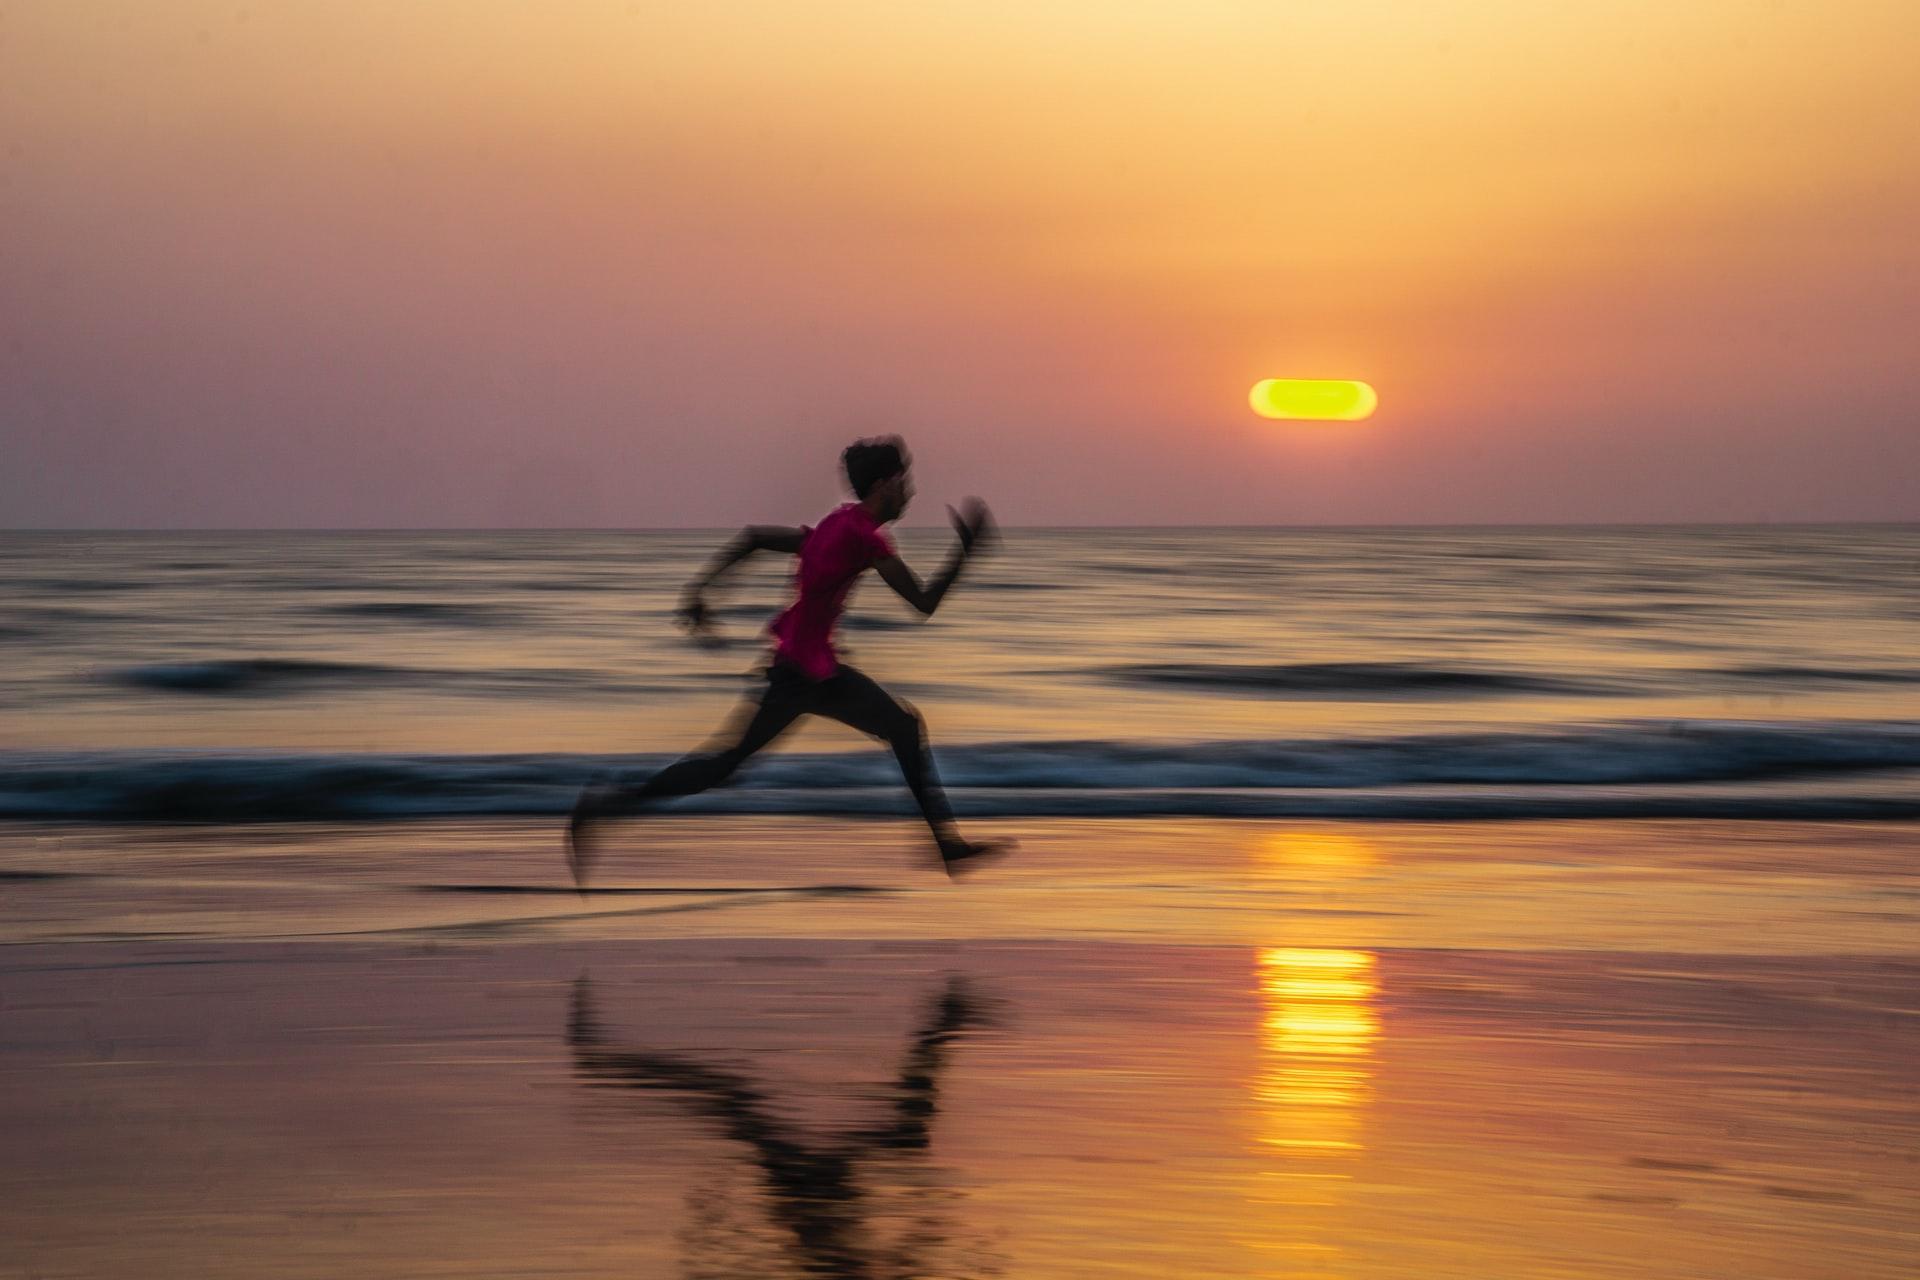 Sprinting man on a beach